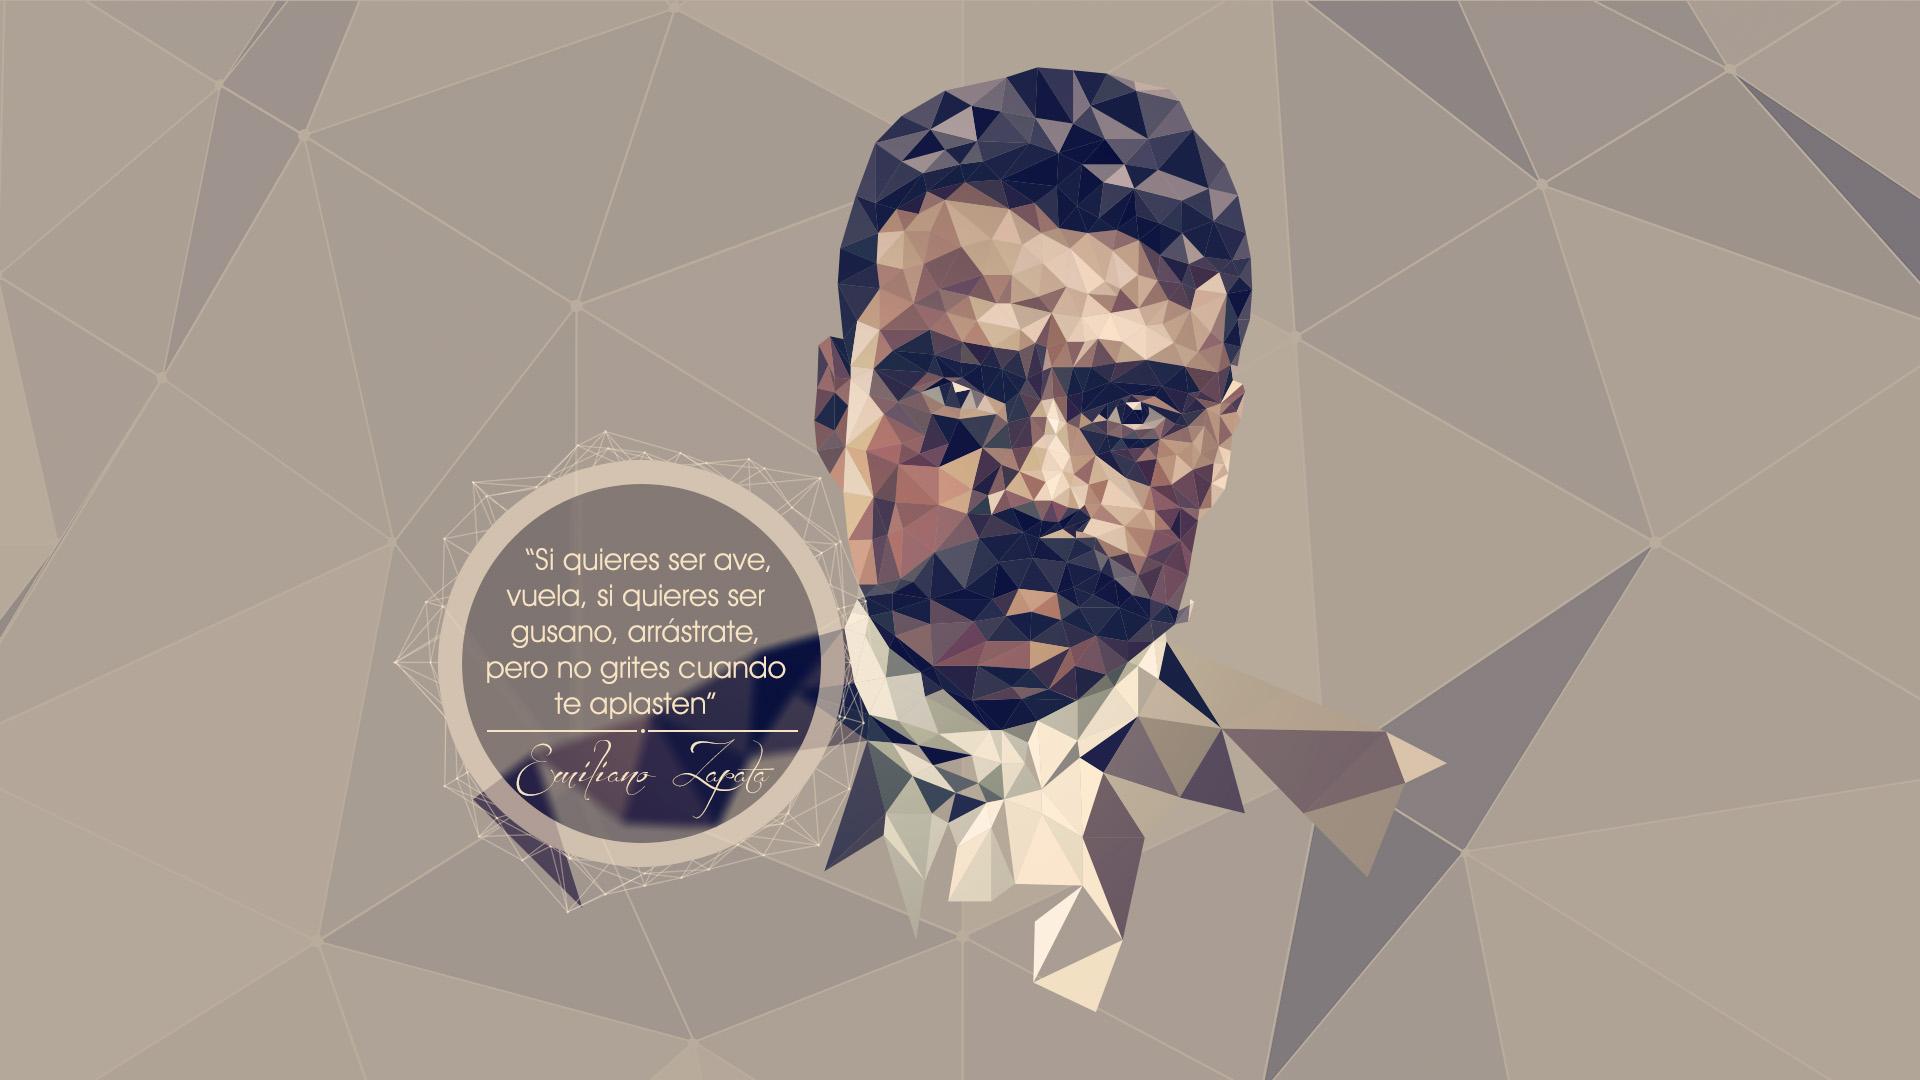 Emiliano Zapata LowPoly By Giacko On DeviantArt